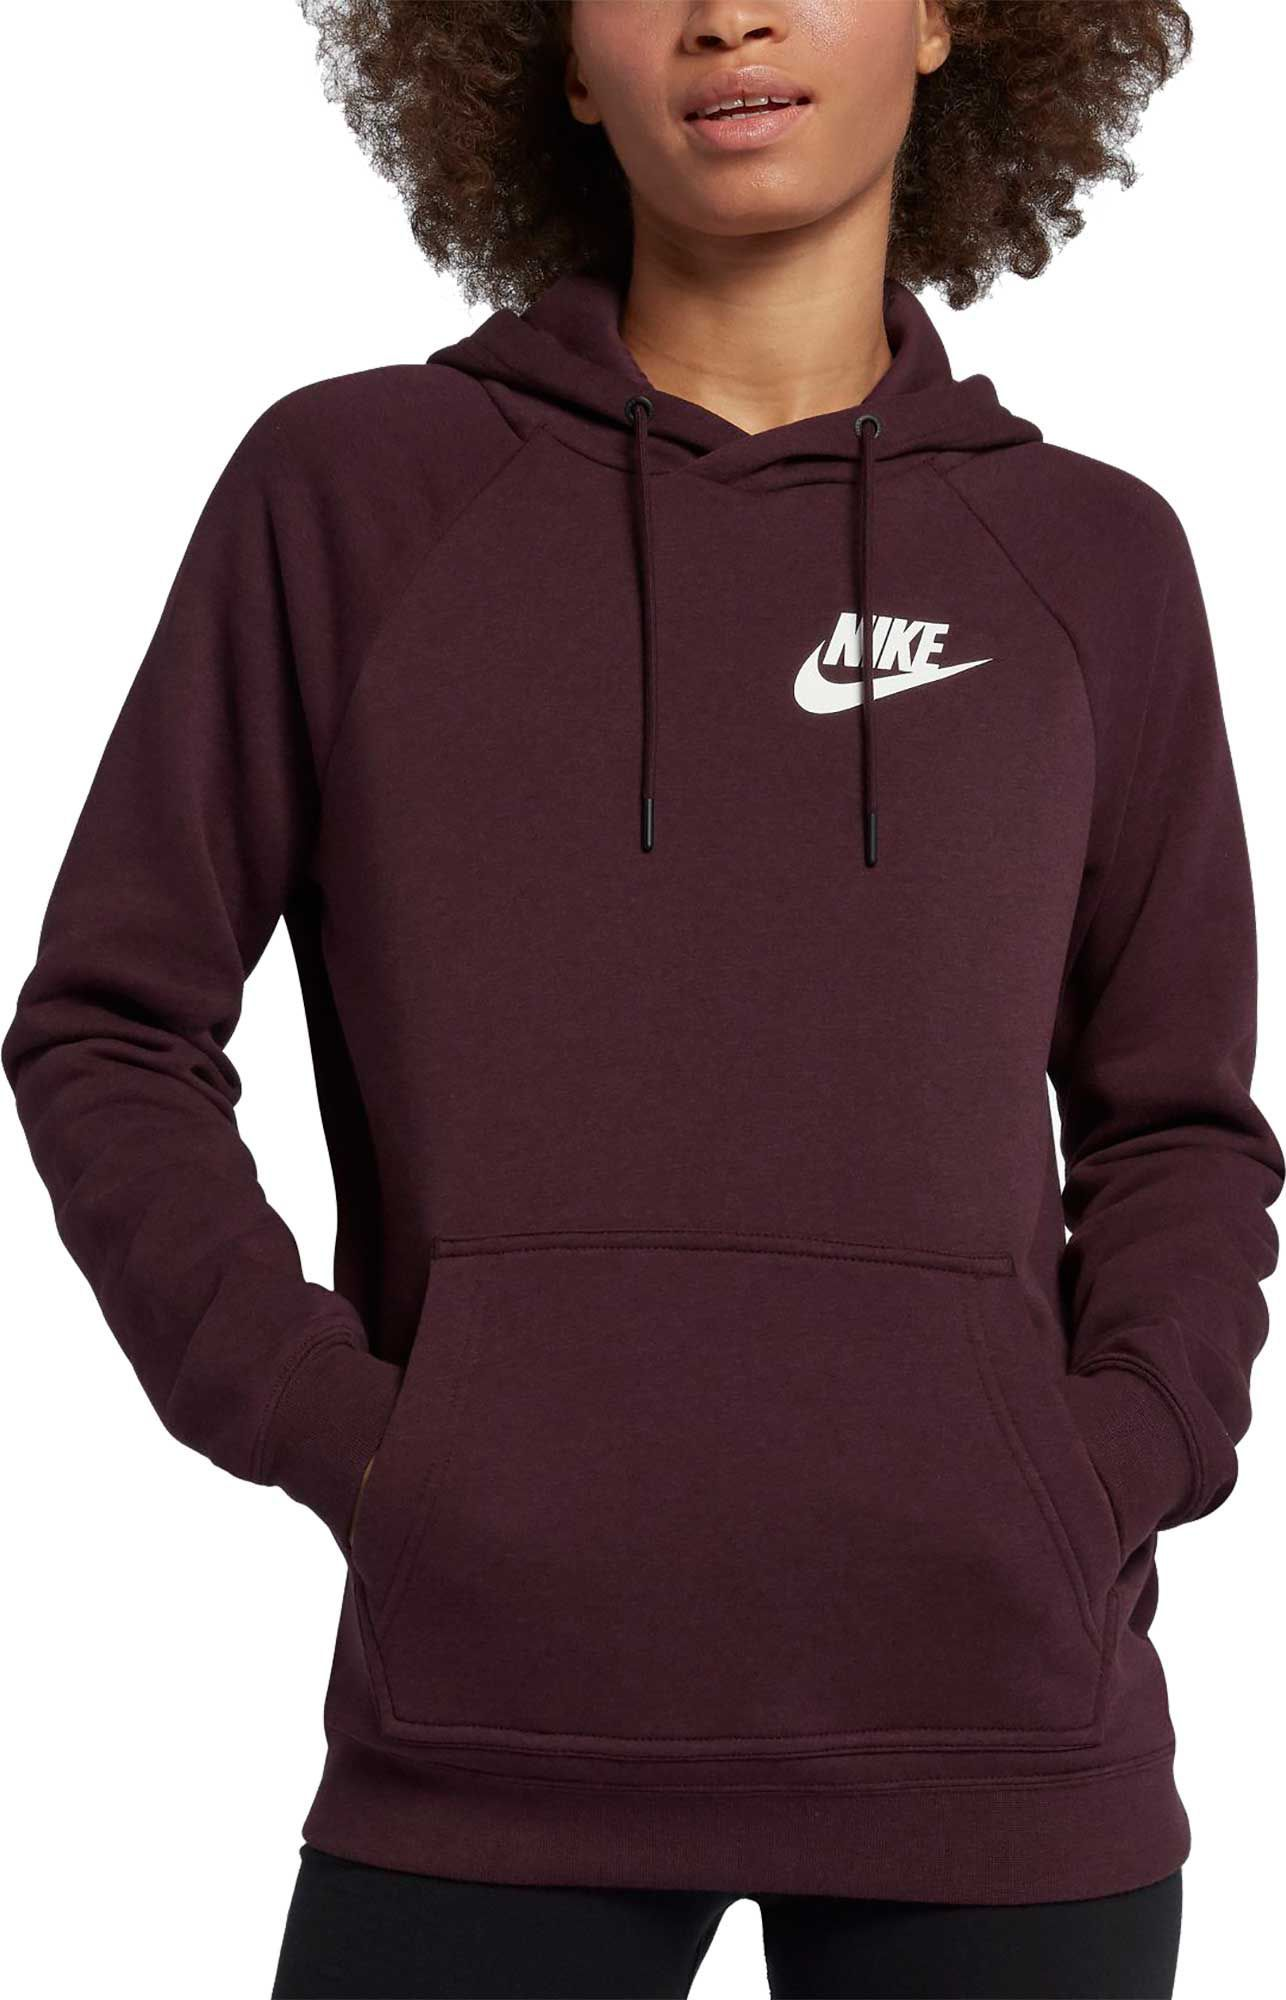 865fe49fbe2 Nike Women s Sportswear Rally Hoodie